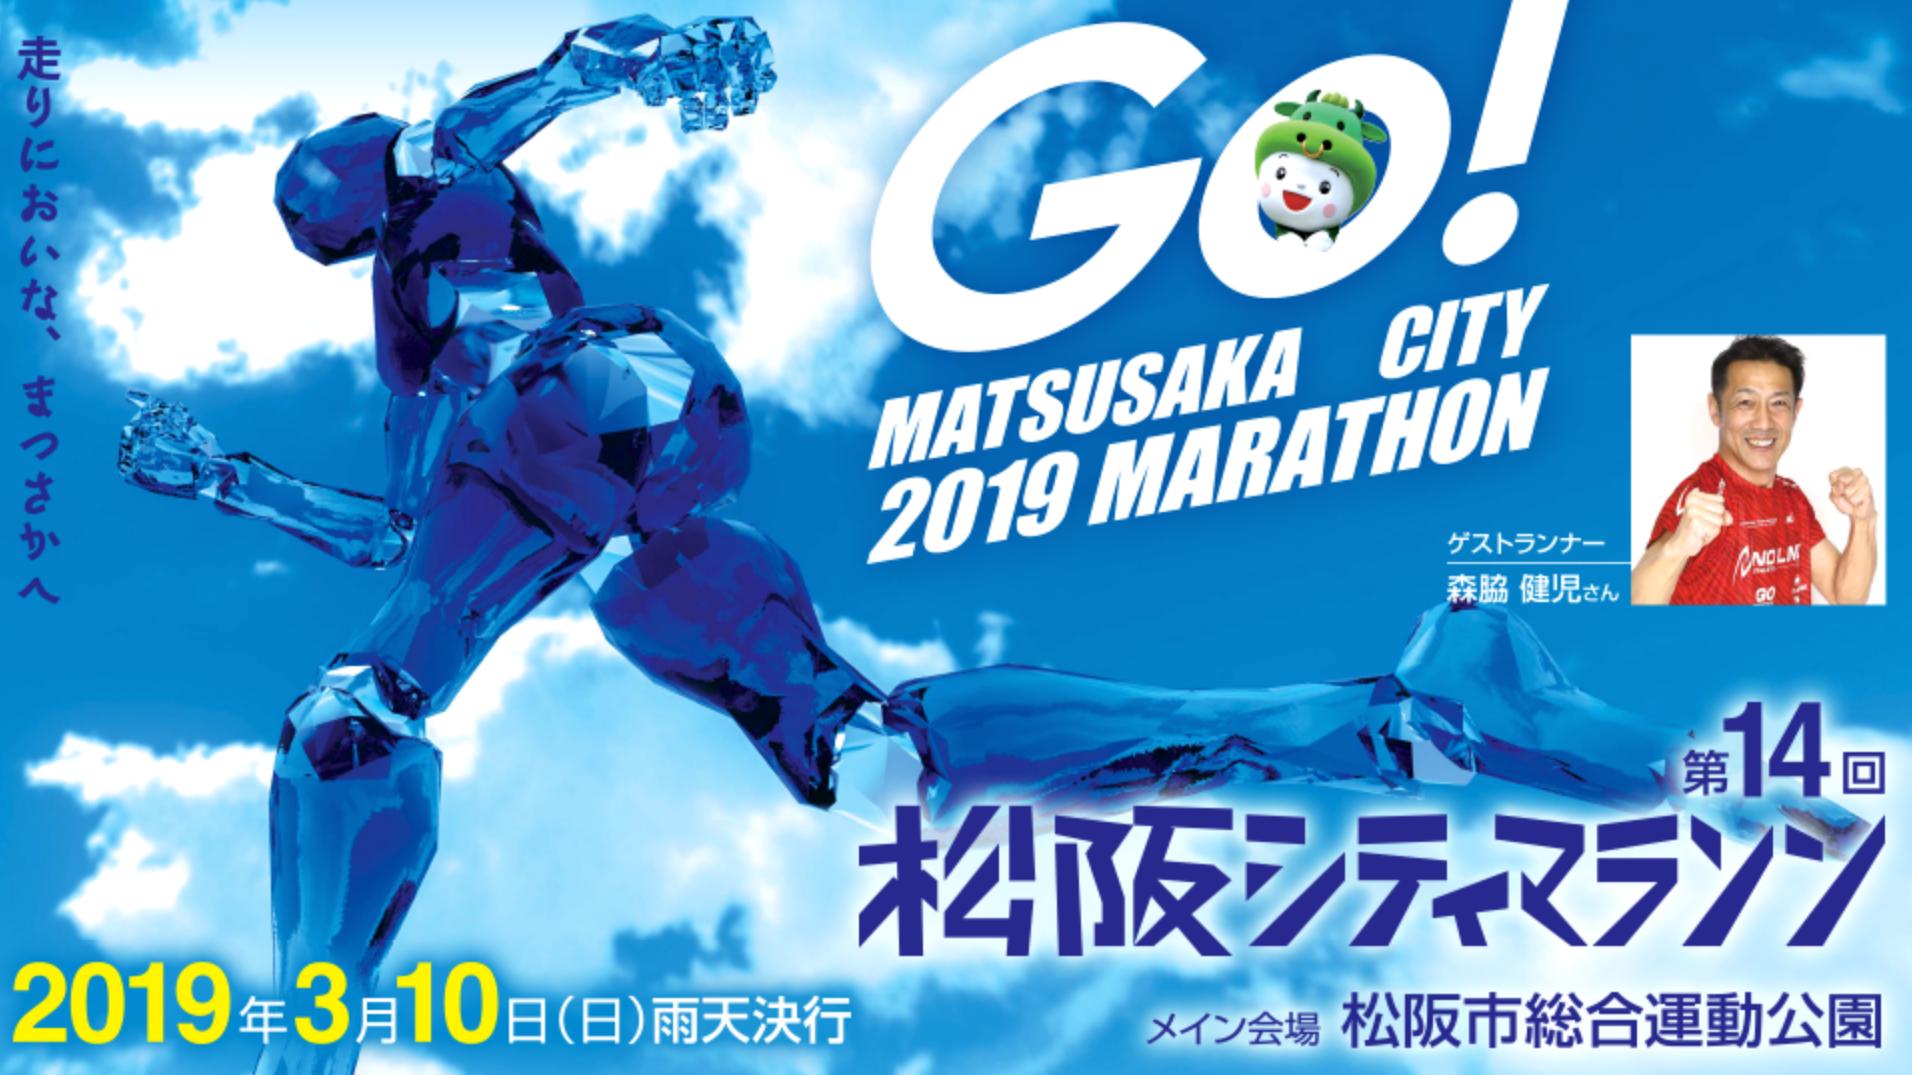 2020年のオリンピックイヤーに三重県にてフルマラソン大会が開催予定?